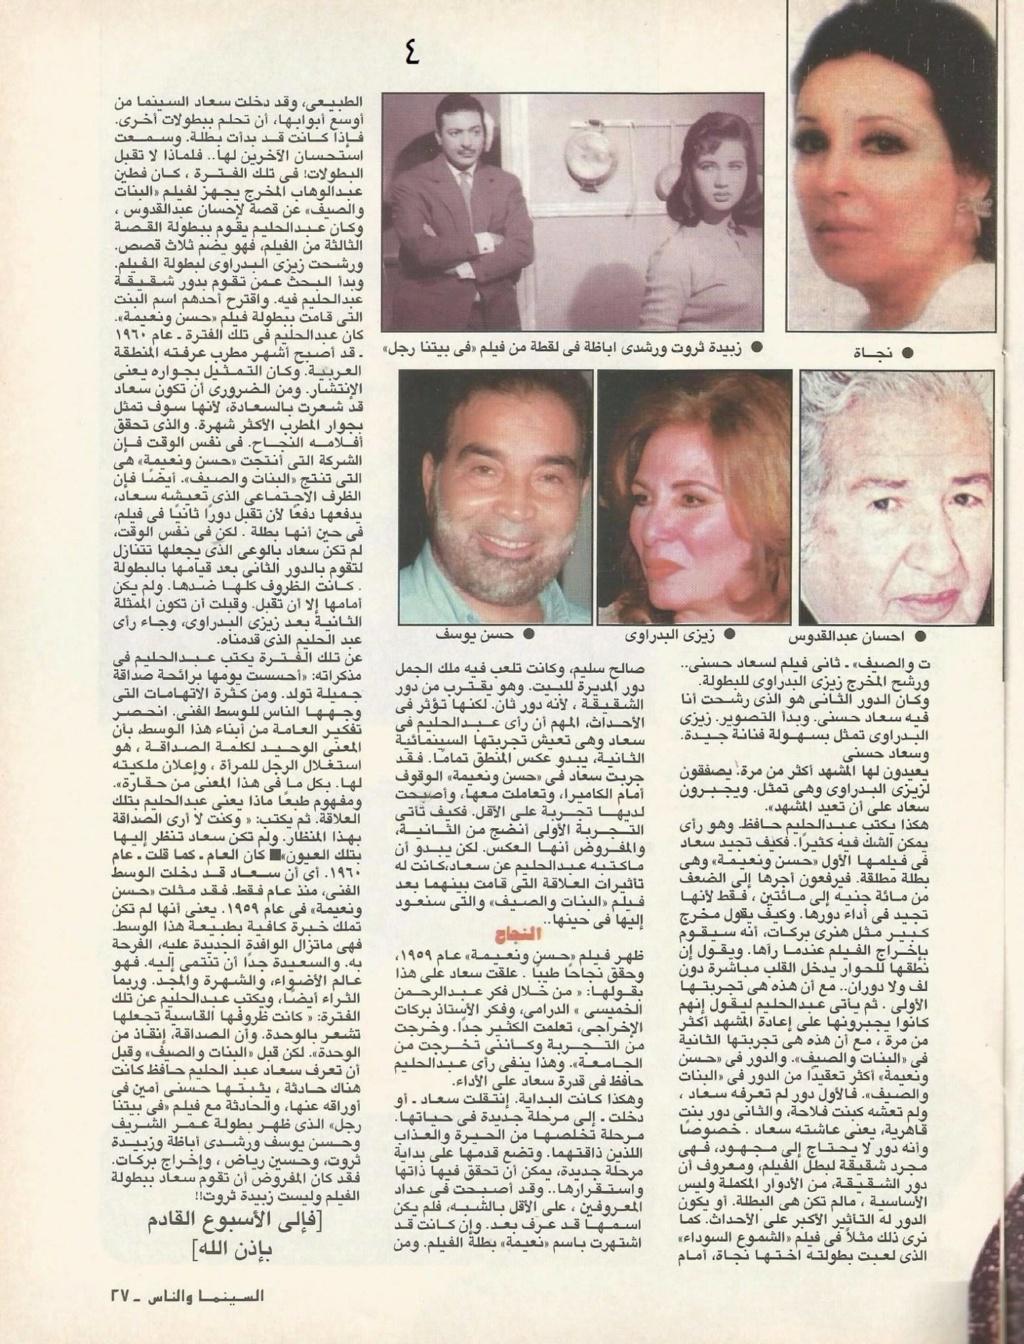 مقال - مقال صحفي : سعاد تتزوج .. حتى تقوم ببطولة حسن ونعيمة !! 2001 م 4110